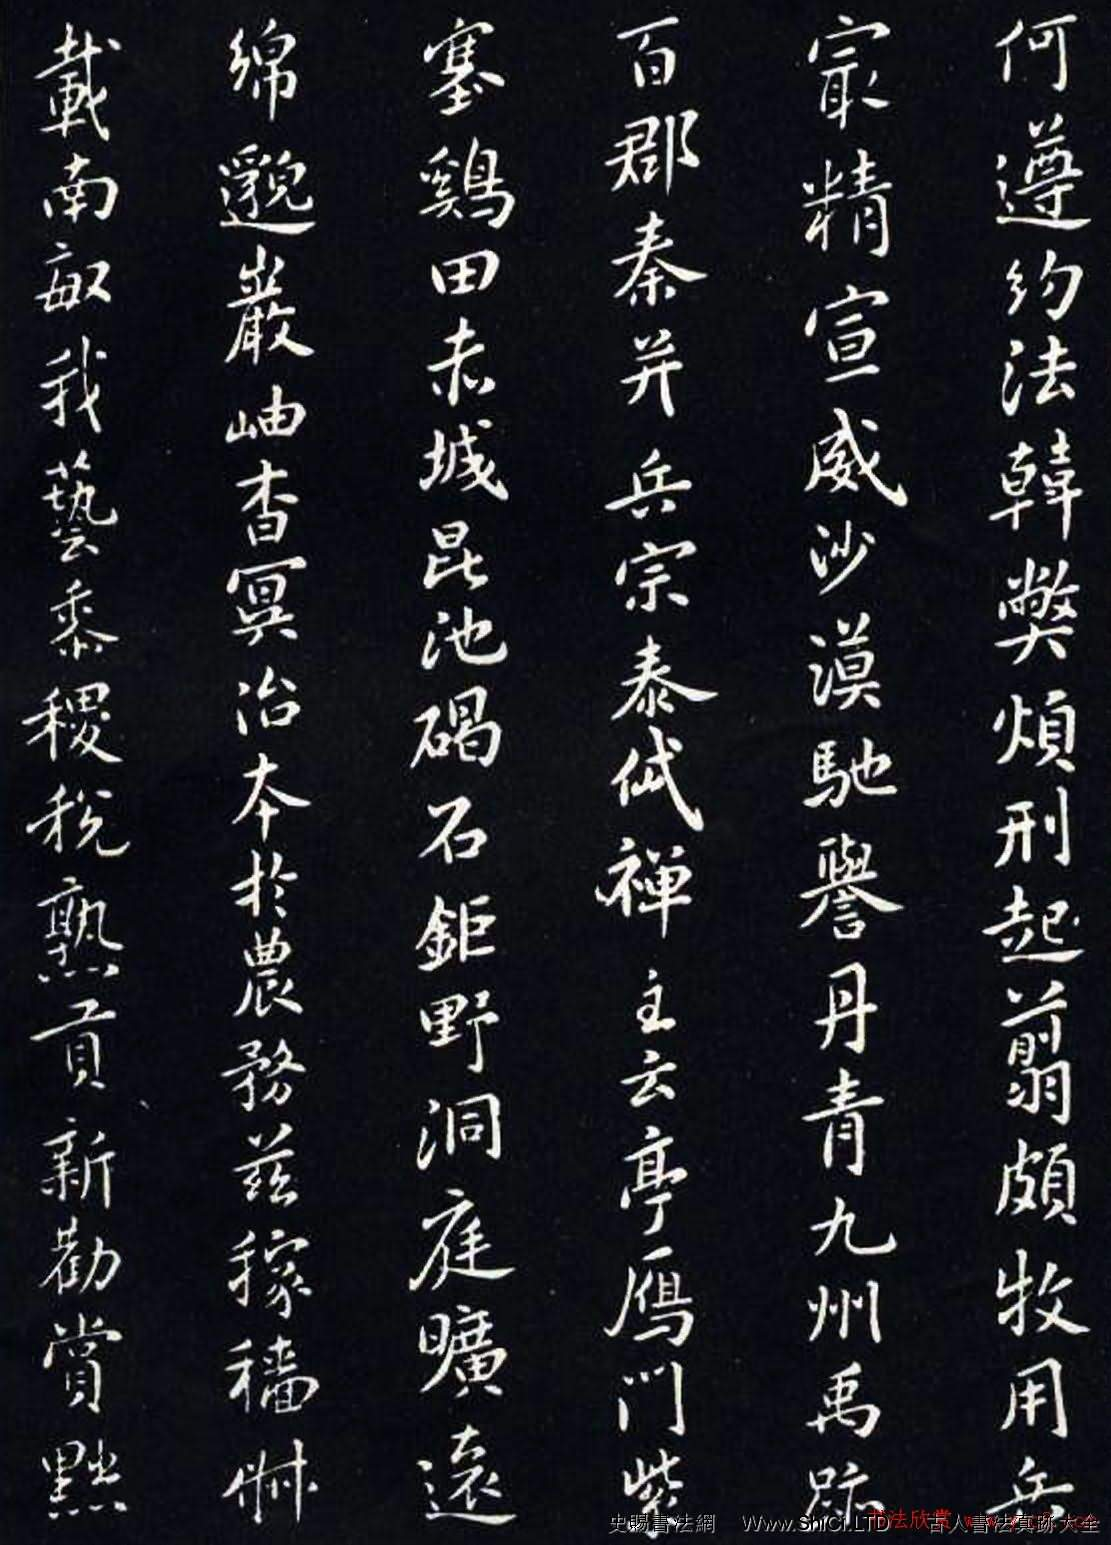 宋代米芾書法《小楷千字文》